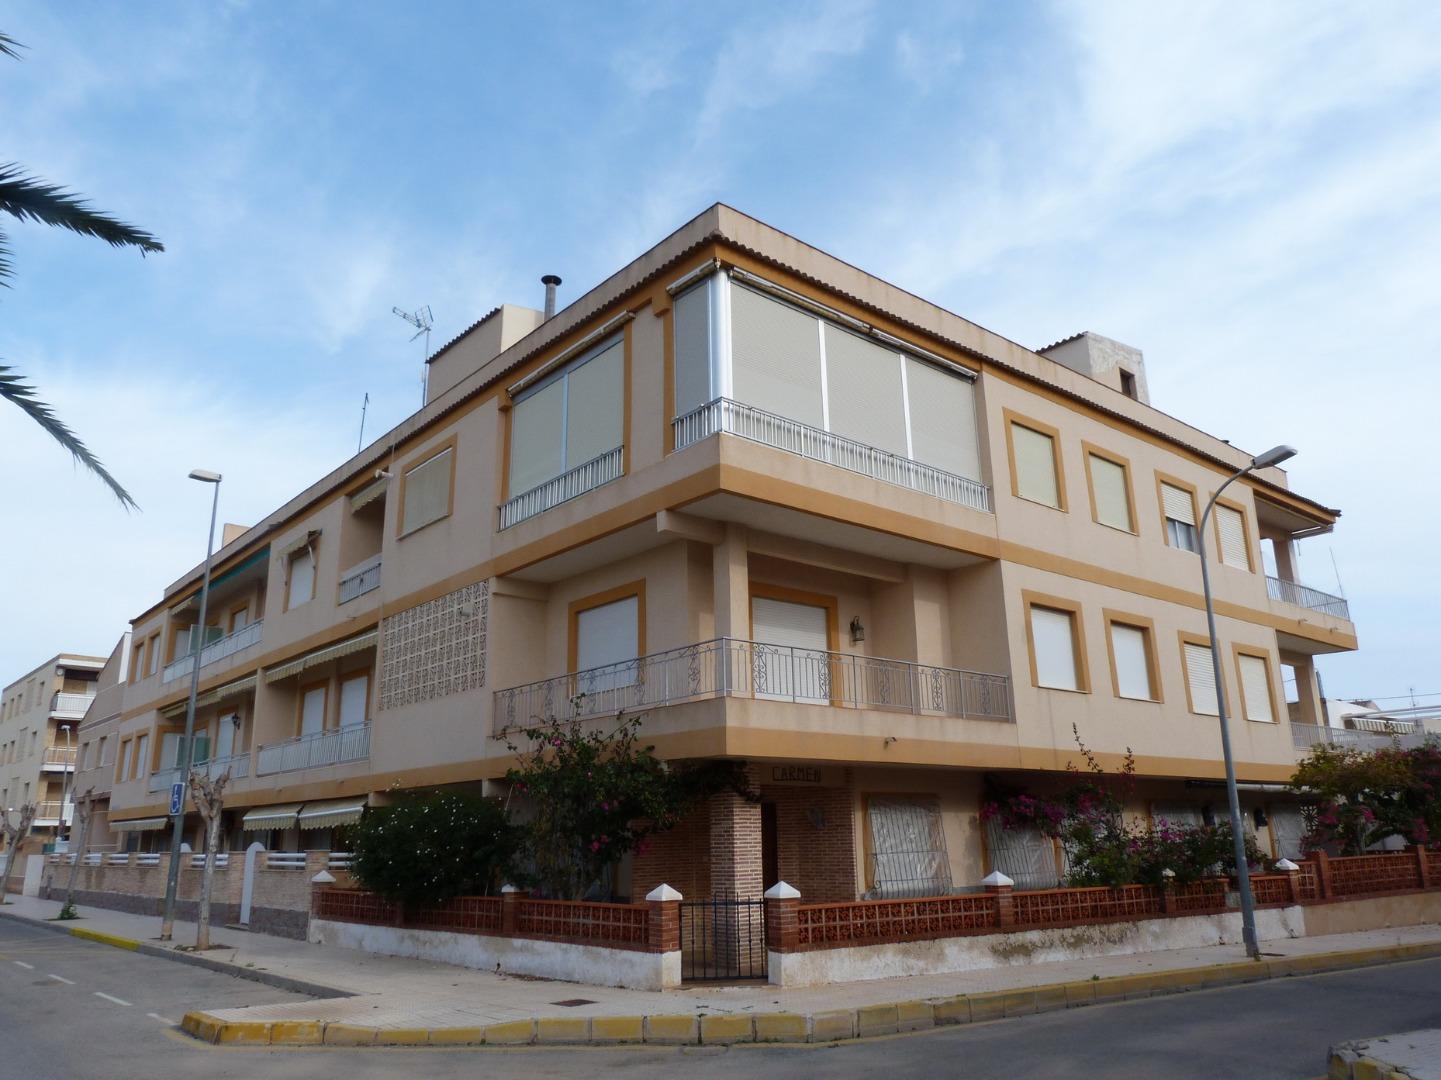 Piso  Avenida levante, 89. Hermoso y luminoso apartamento ubicado a 150 metros de las playa